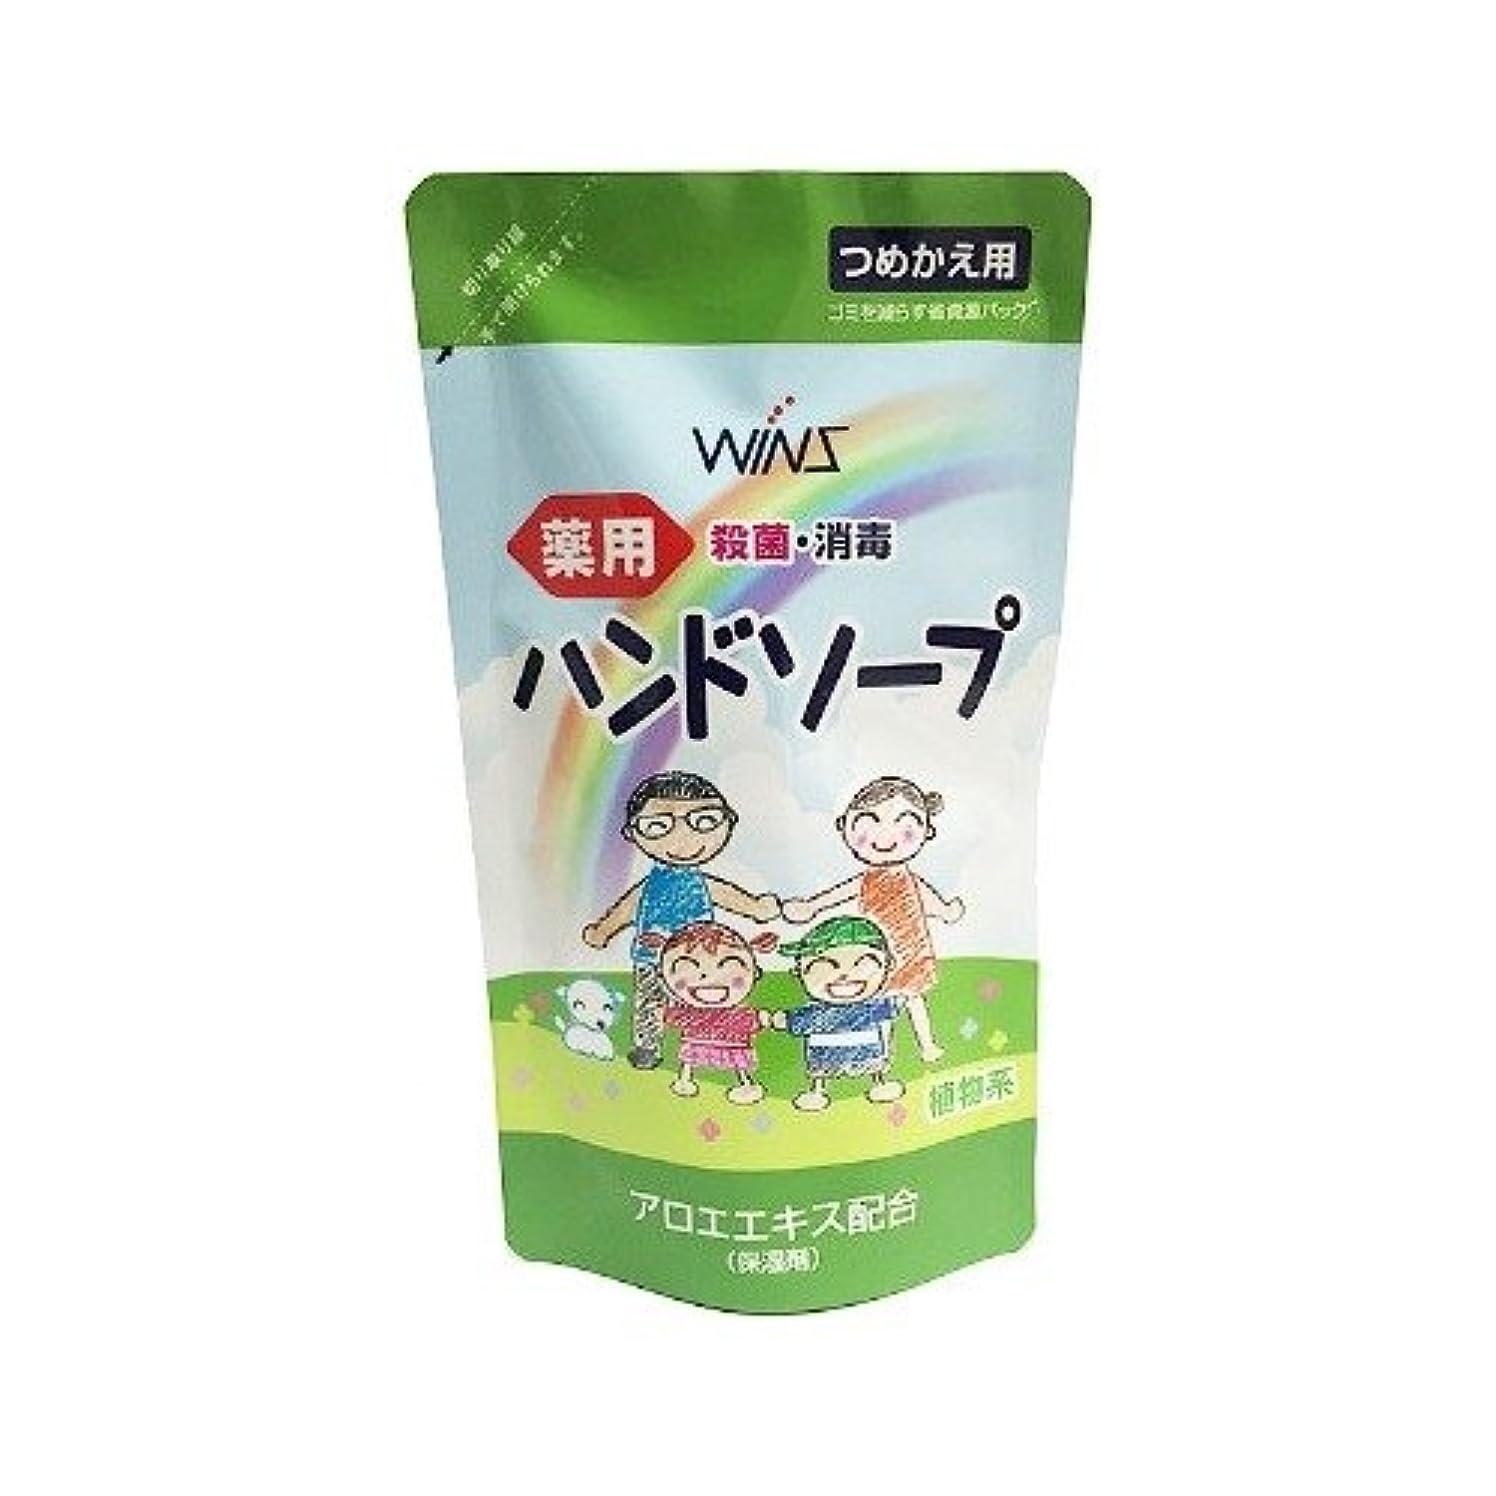 締める反毒飛び込むウインズ 薬用ハンドソープ 詰替 200mL 日本合成洗剤